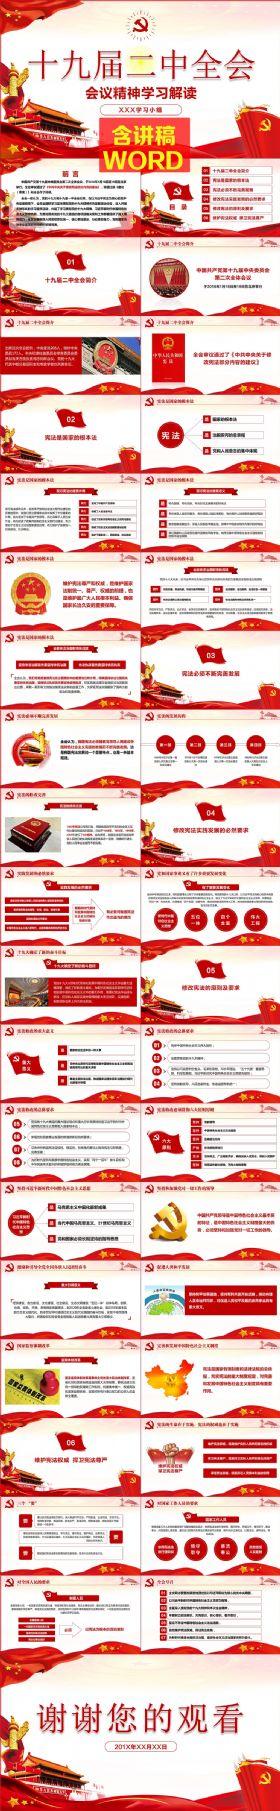 【最新成品】中国共产党十九届二中全会会义公报宪法修改党课培训PPT含WORD讲稿